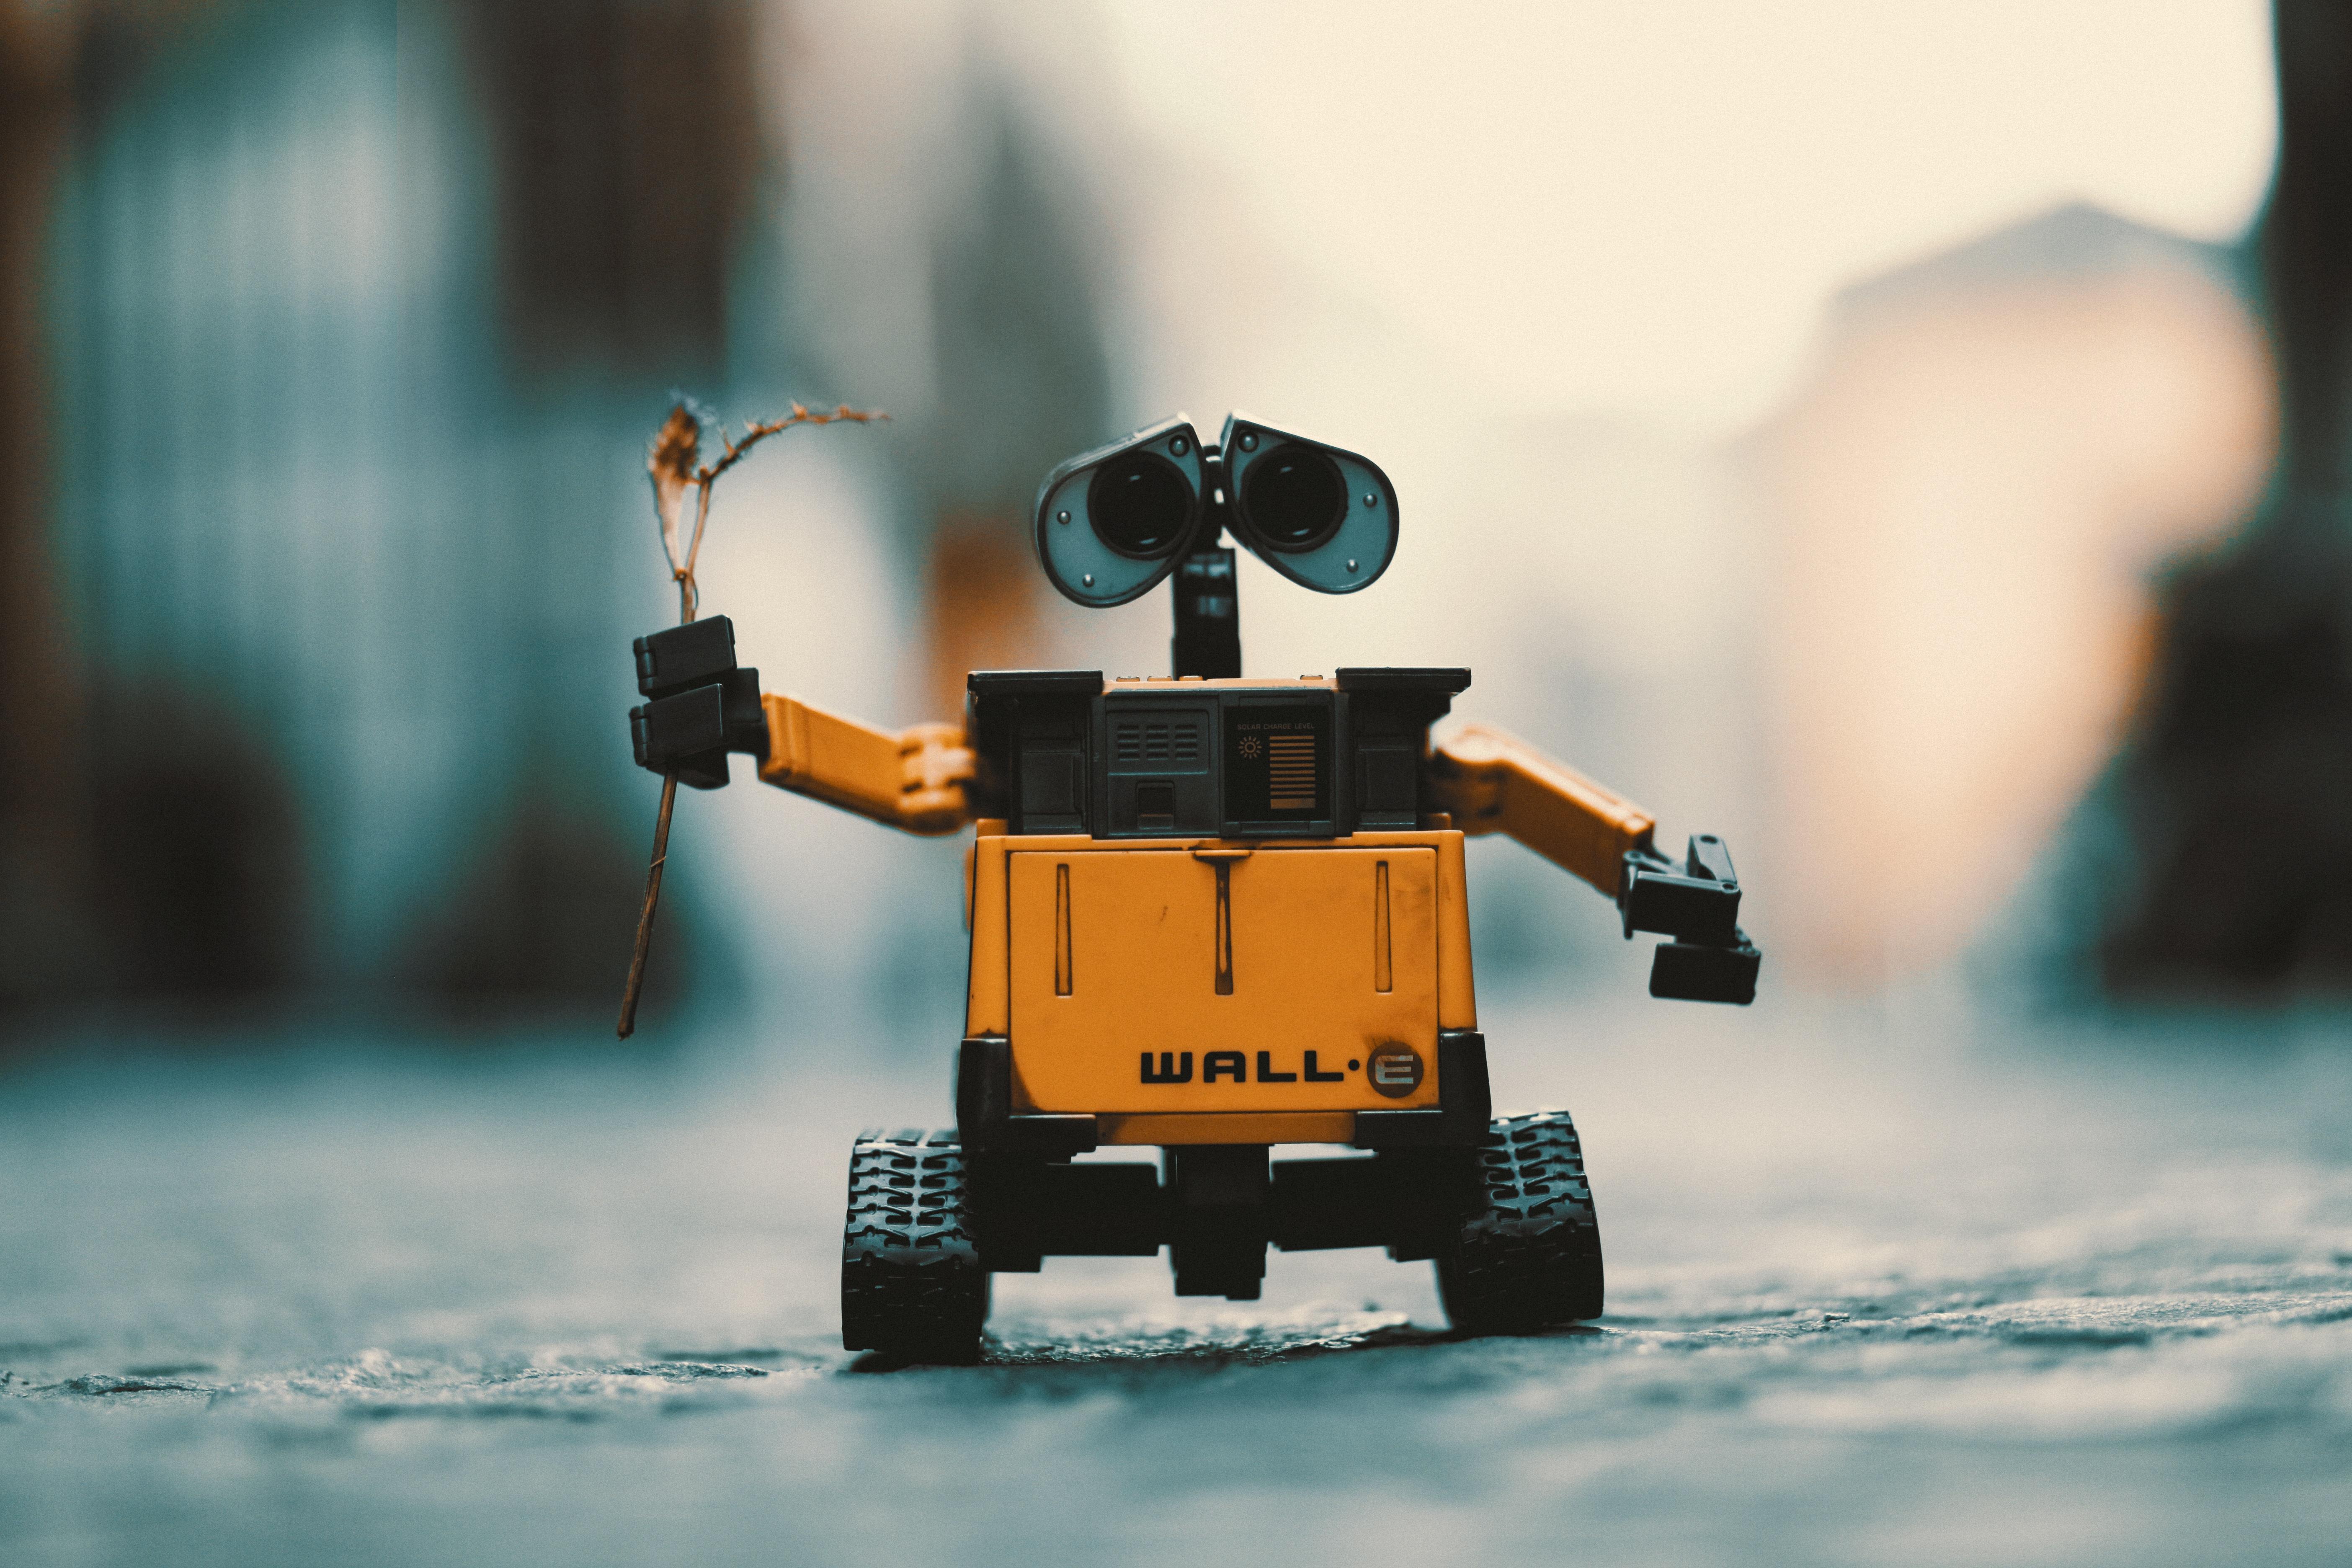 Roboti budućnosti će nas lagati, ali to uopšte neće biti loše